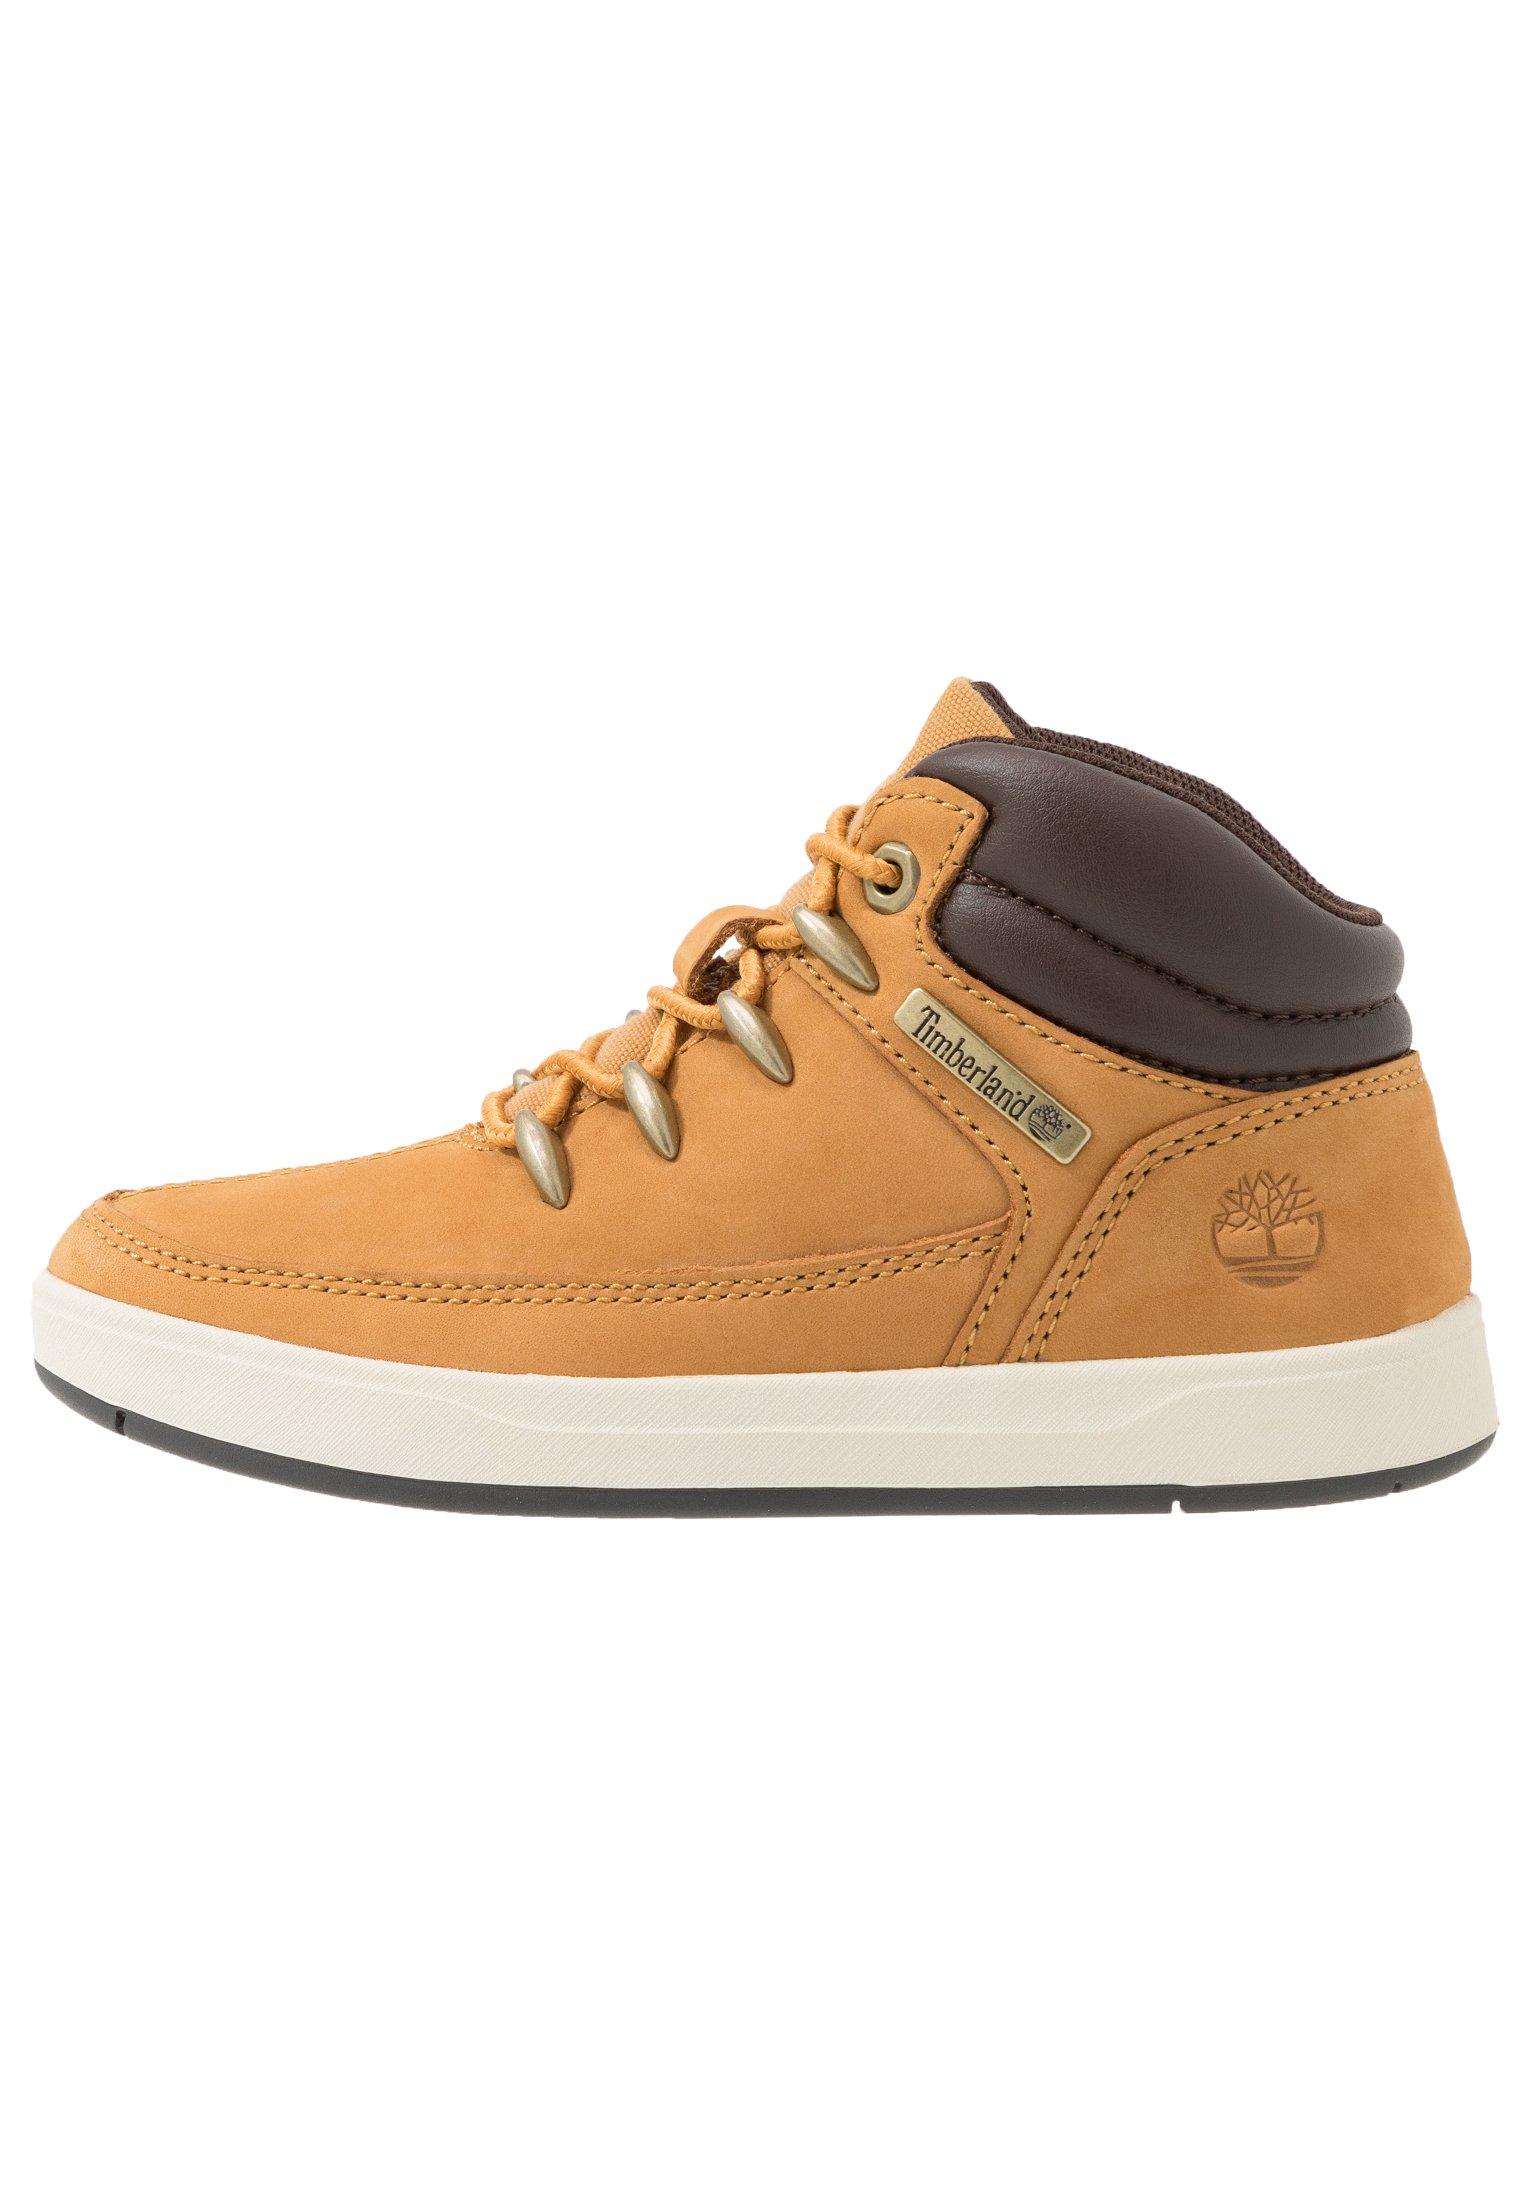 DAVIS SQUARE Sneakers alte wheat